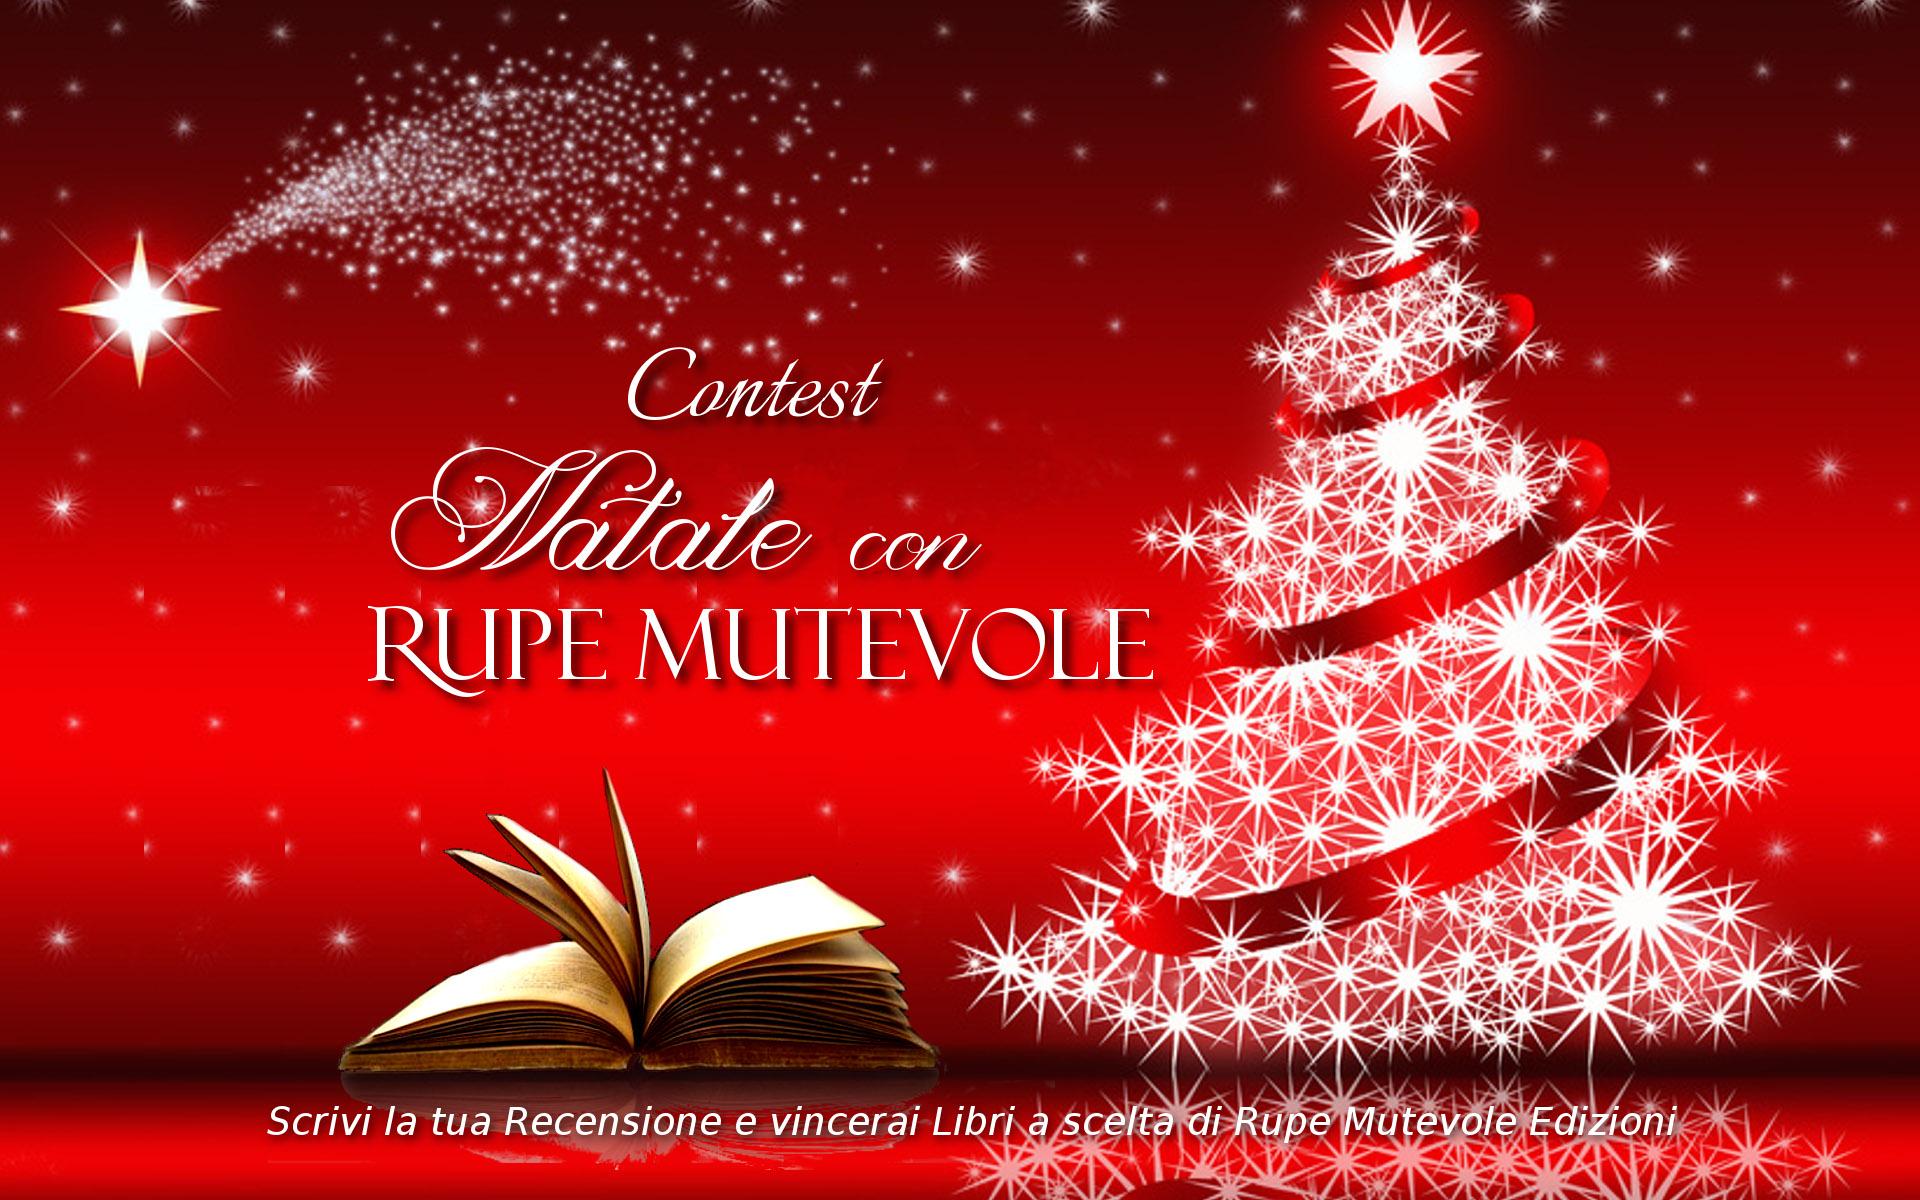 """Vincitori del Contest """"Natale con Rupe Mutevole Edizioni"""": le cinque recensioni scelte da voi lettori"""